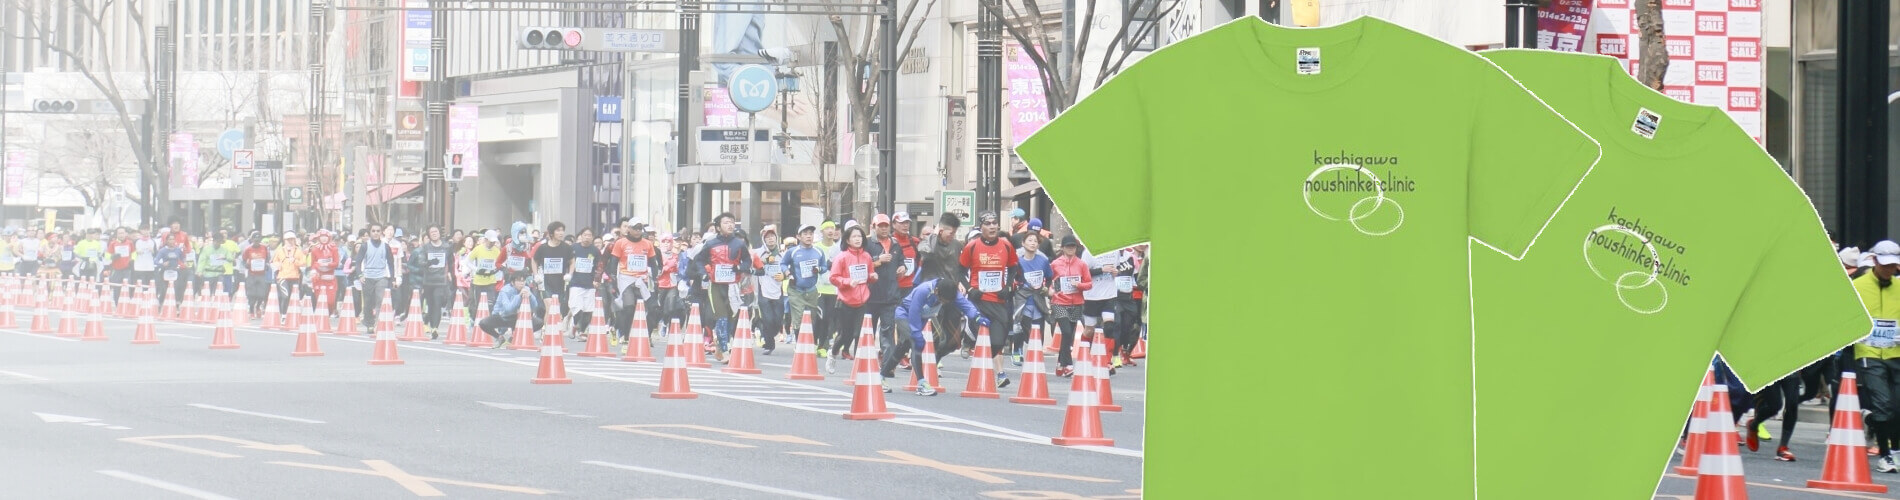 マラソンを通じた健康づくり